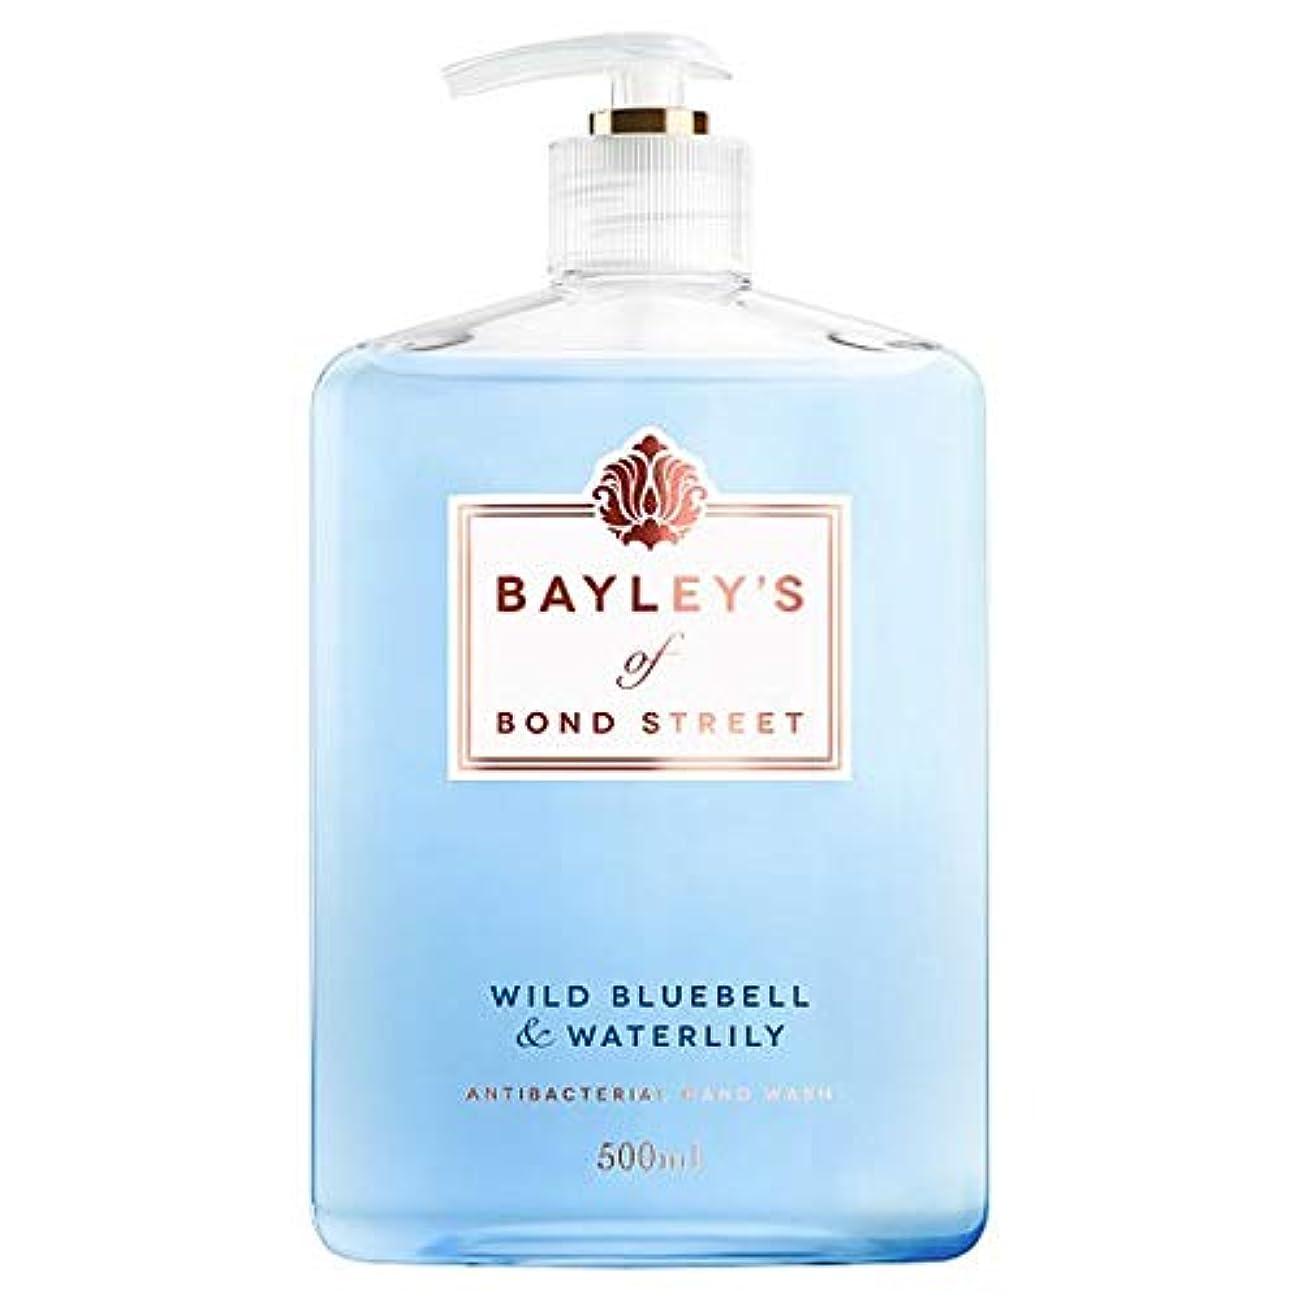 器用誓う一握り[Pz Cussons] ベイリーのボンドストリートブルーベルの手洗いの500ミリリットルの - Bayley's Of Bond Street Bluebell Handwash 500Ml [並行輸入品]